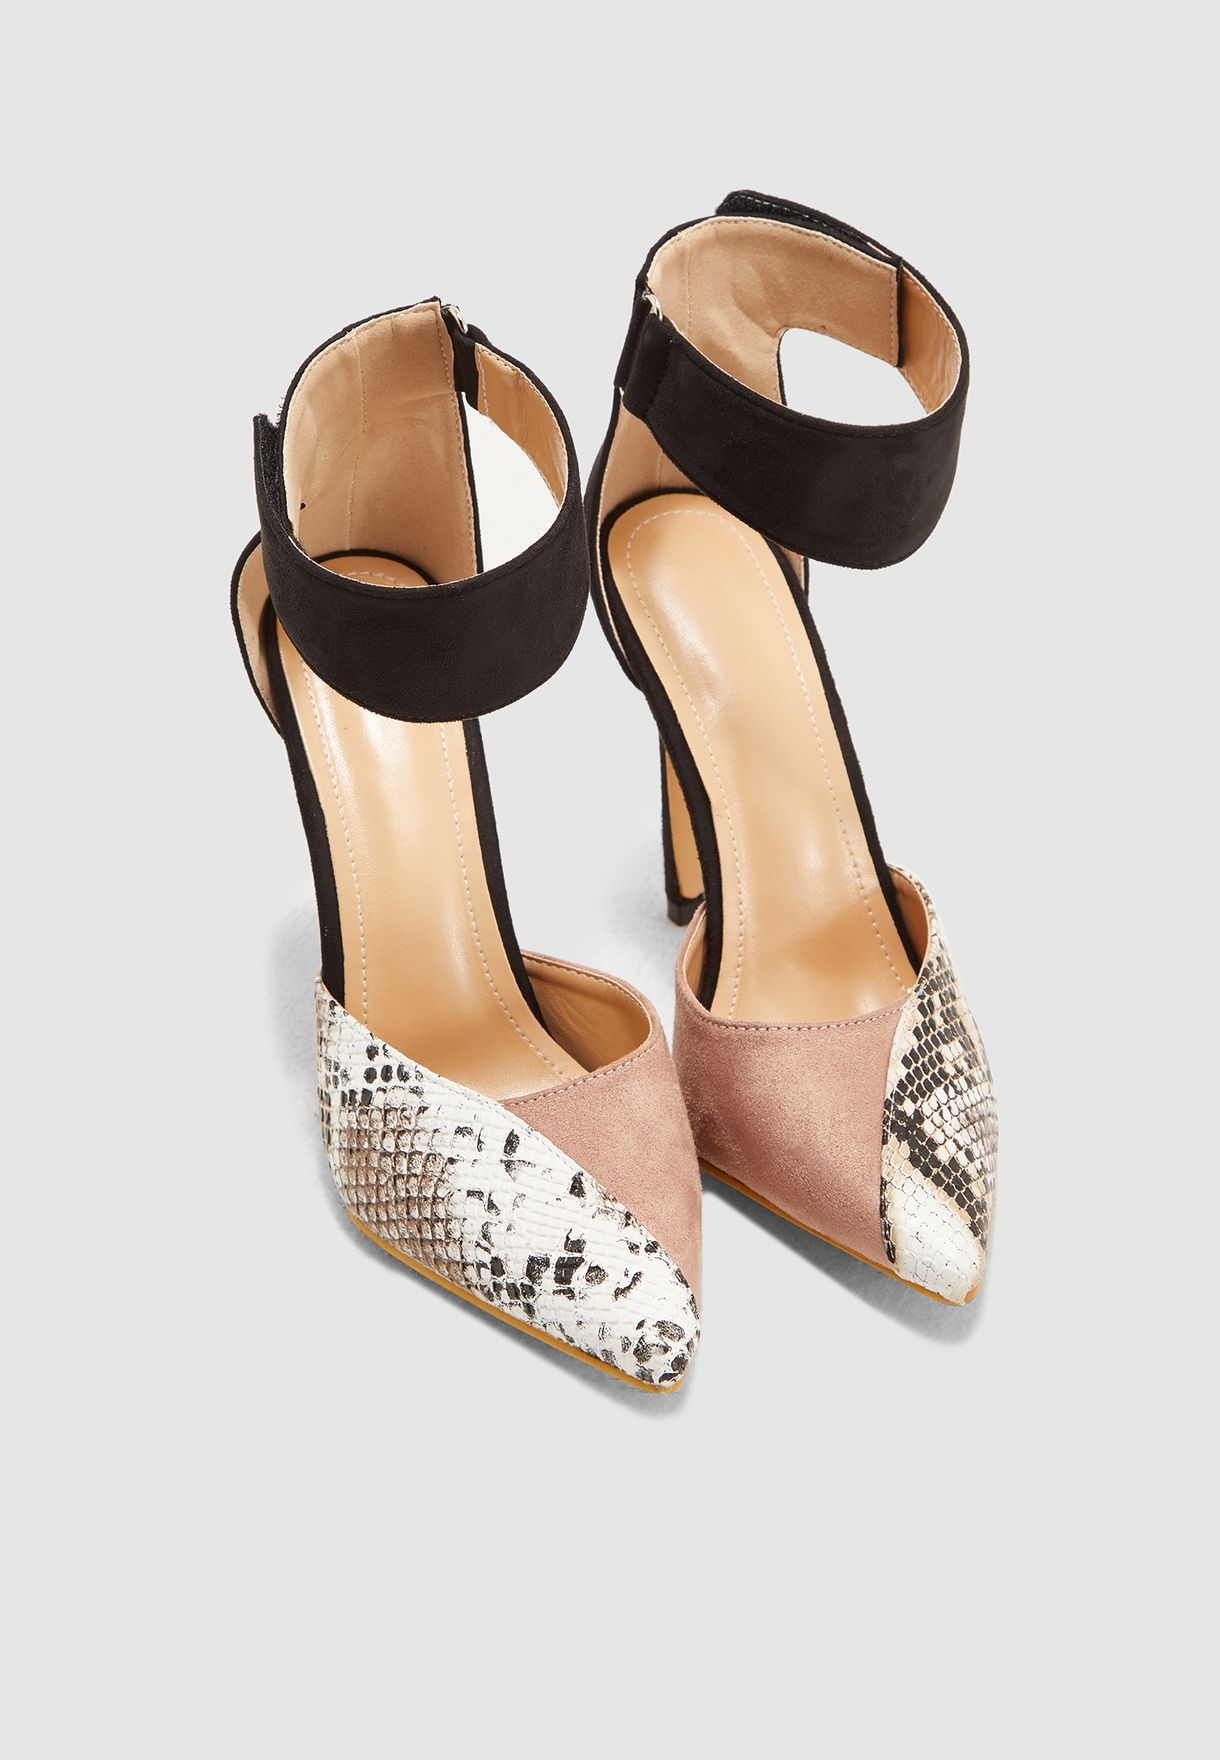 حذاء شامواه بمقدمة مدببة